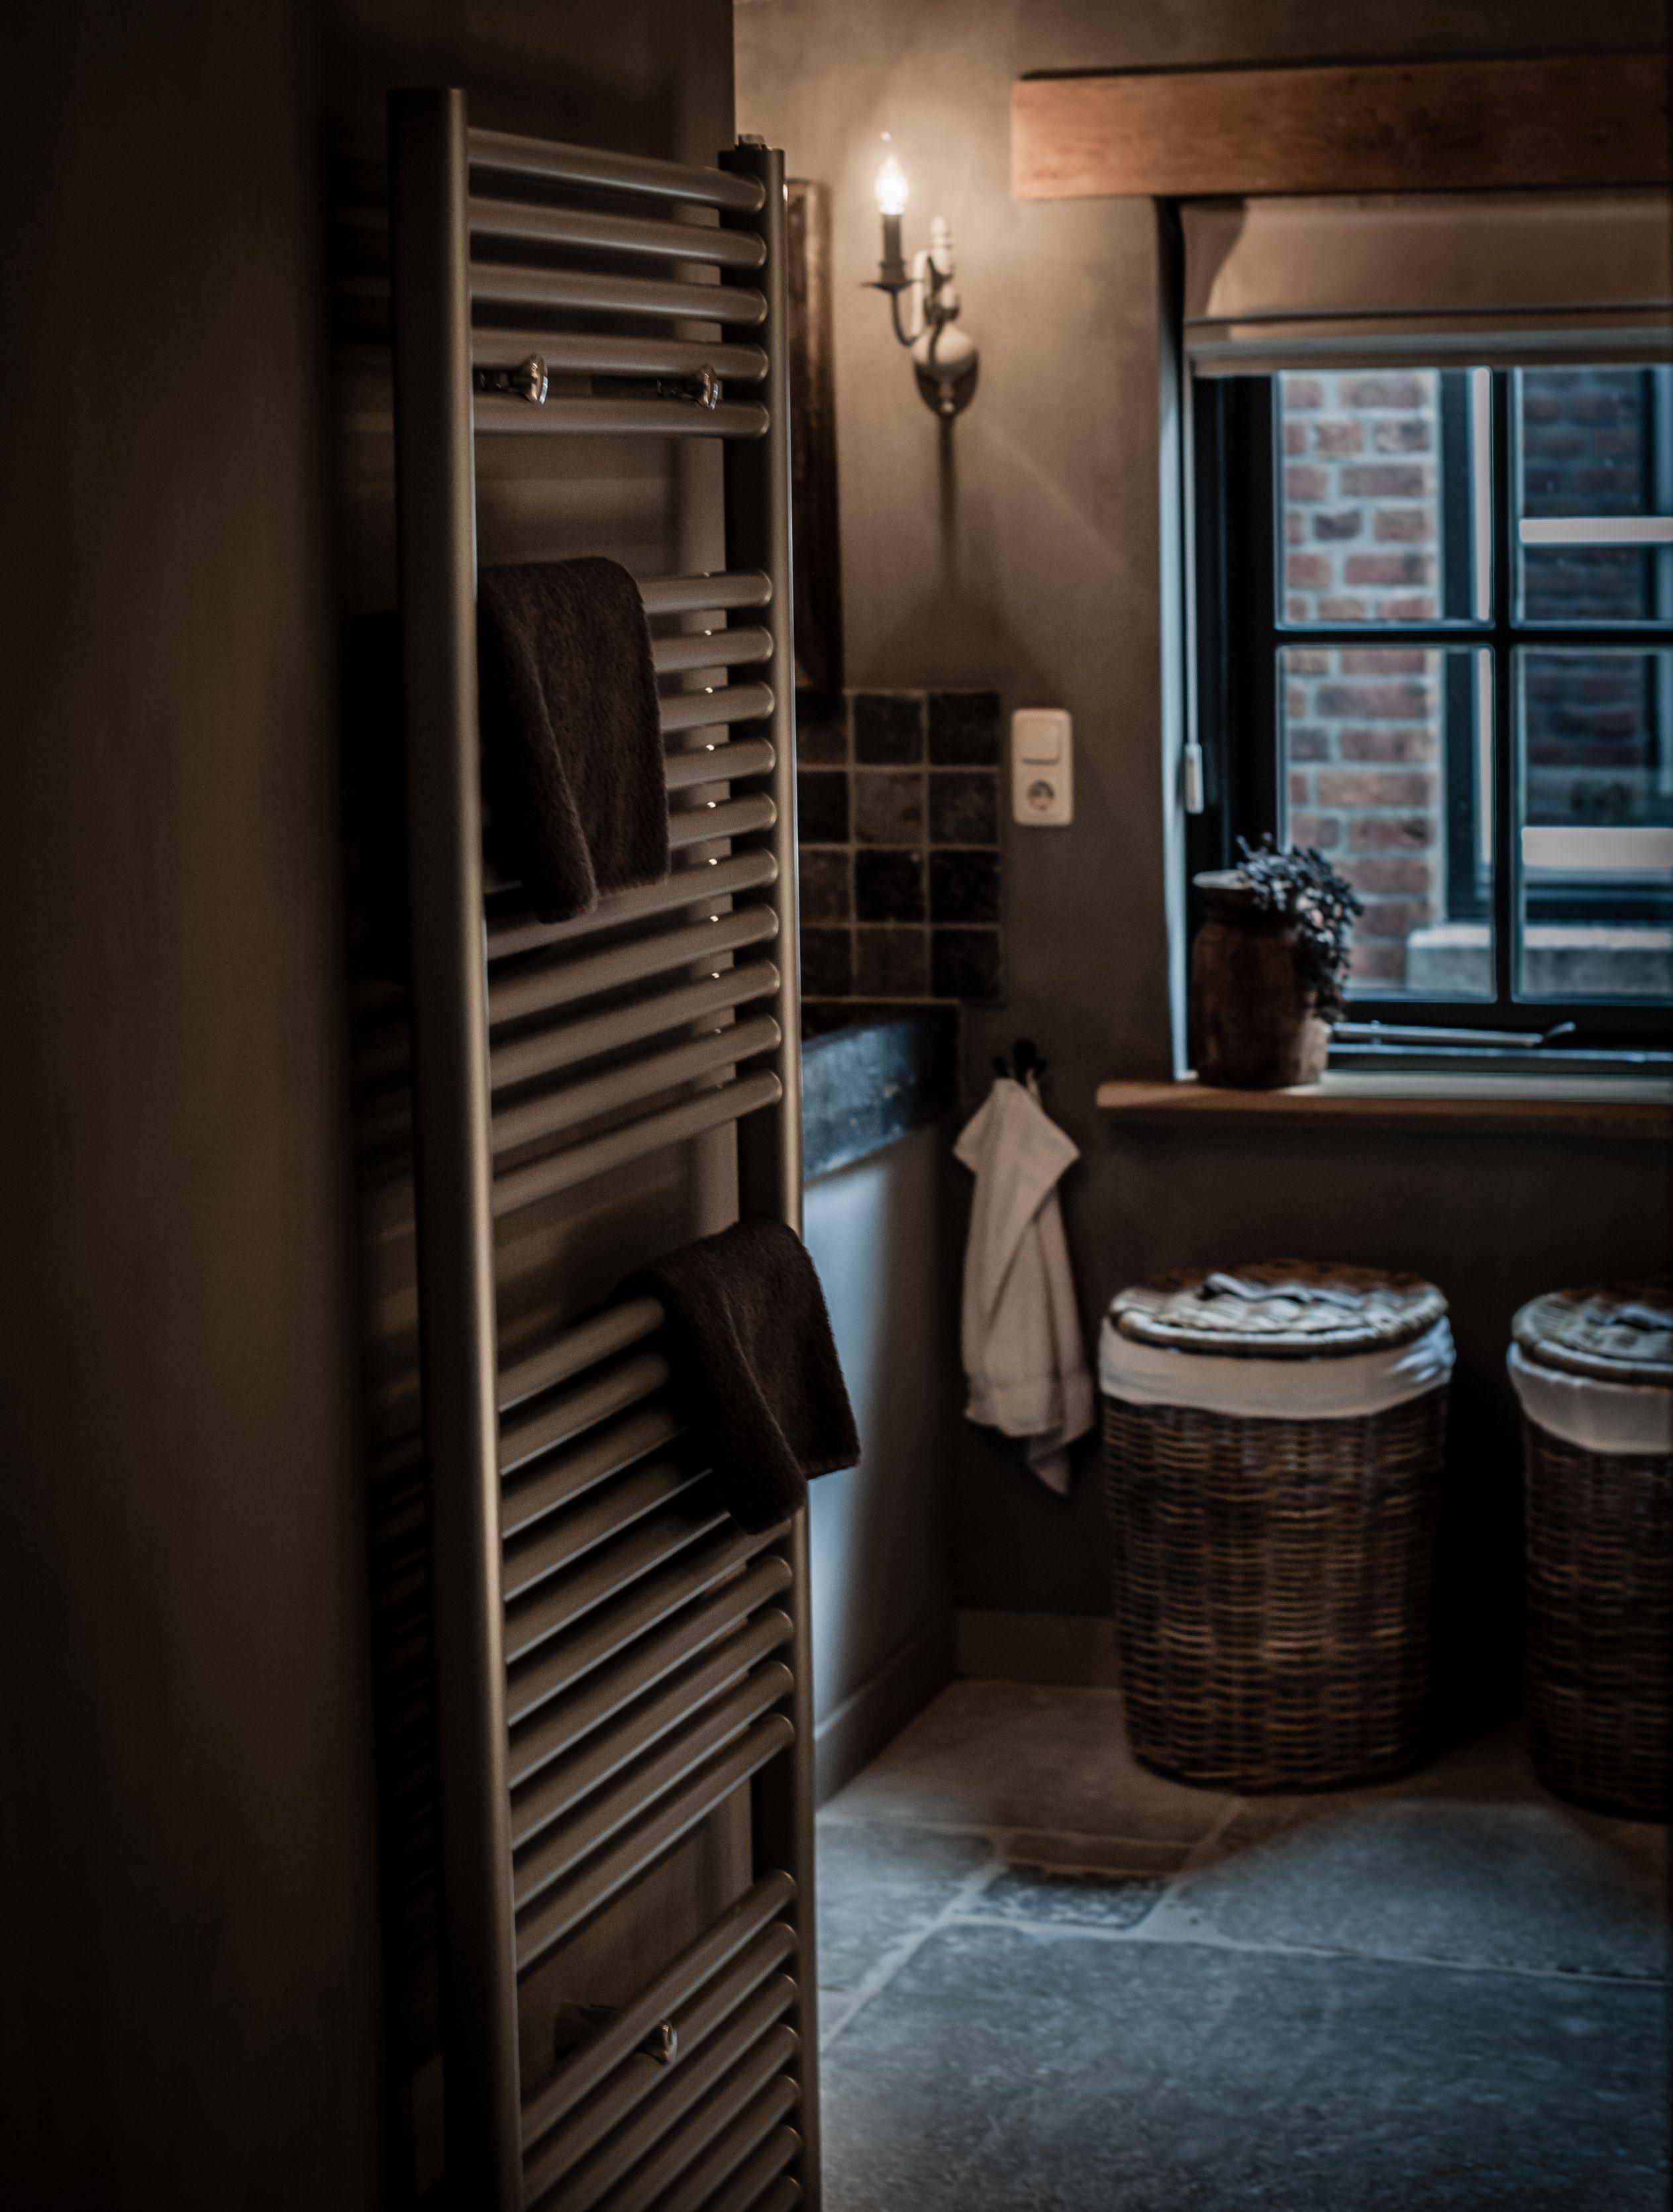 Landelijke Badkamer Met Een Hoffz Inrichting.... - Badkamer ...